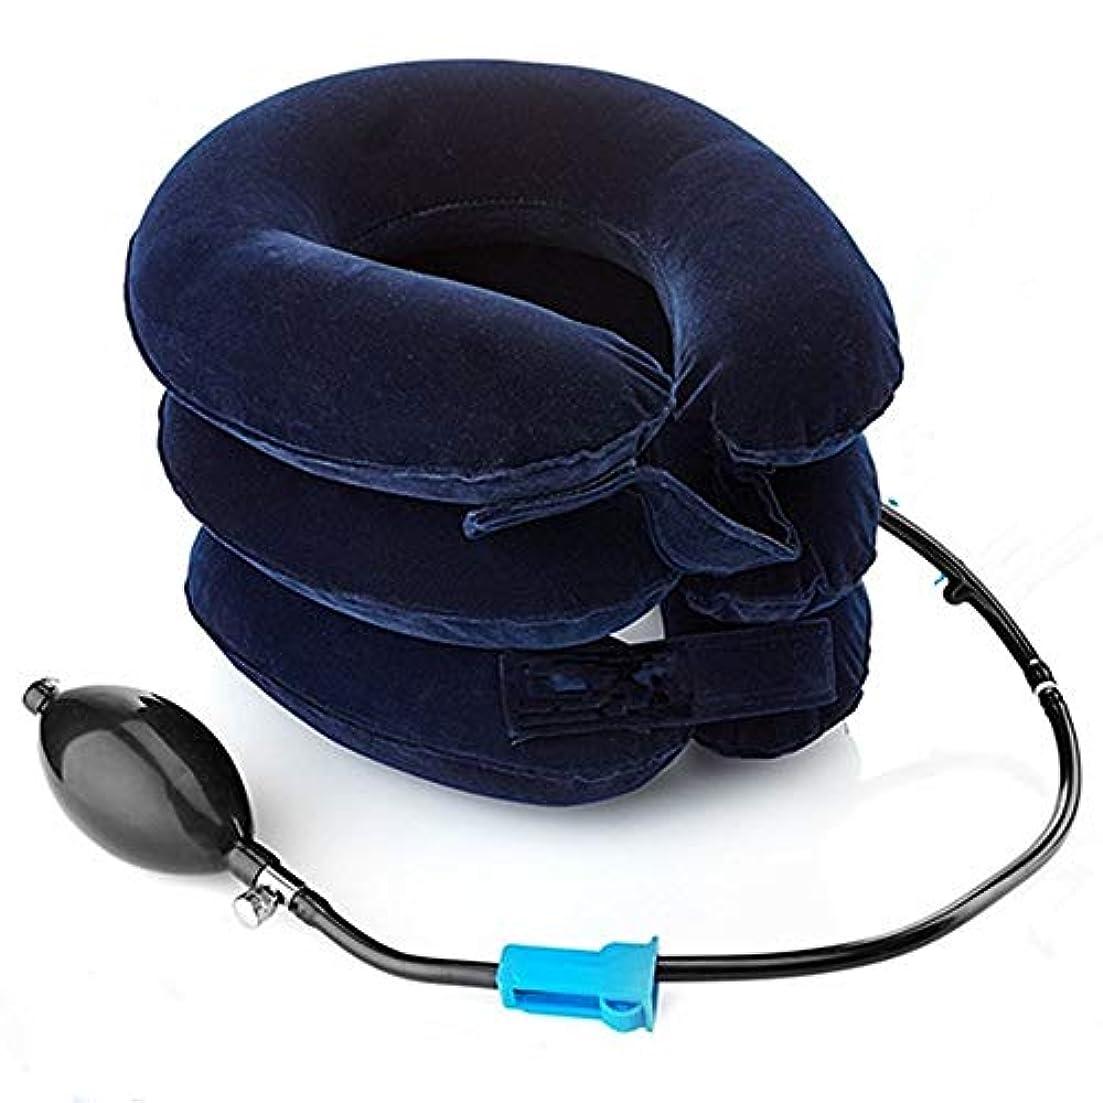 内なるキッチンダウンタウン子宮頸管牽引装置FDA登録 - ホームトラクション背骨の整列のためのインフレータブル&調節可能なネックストレッチャーカラー